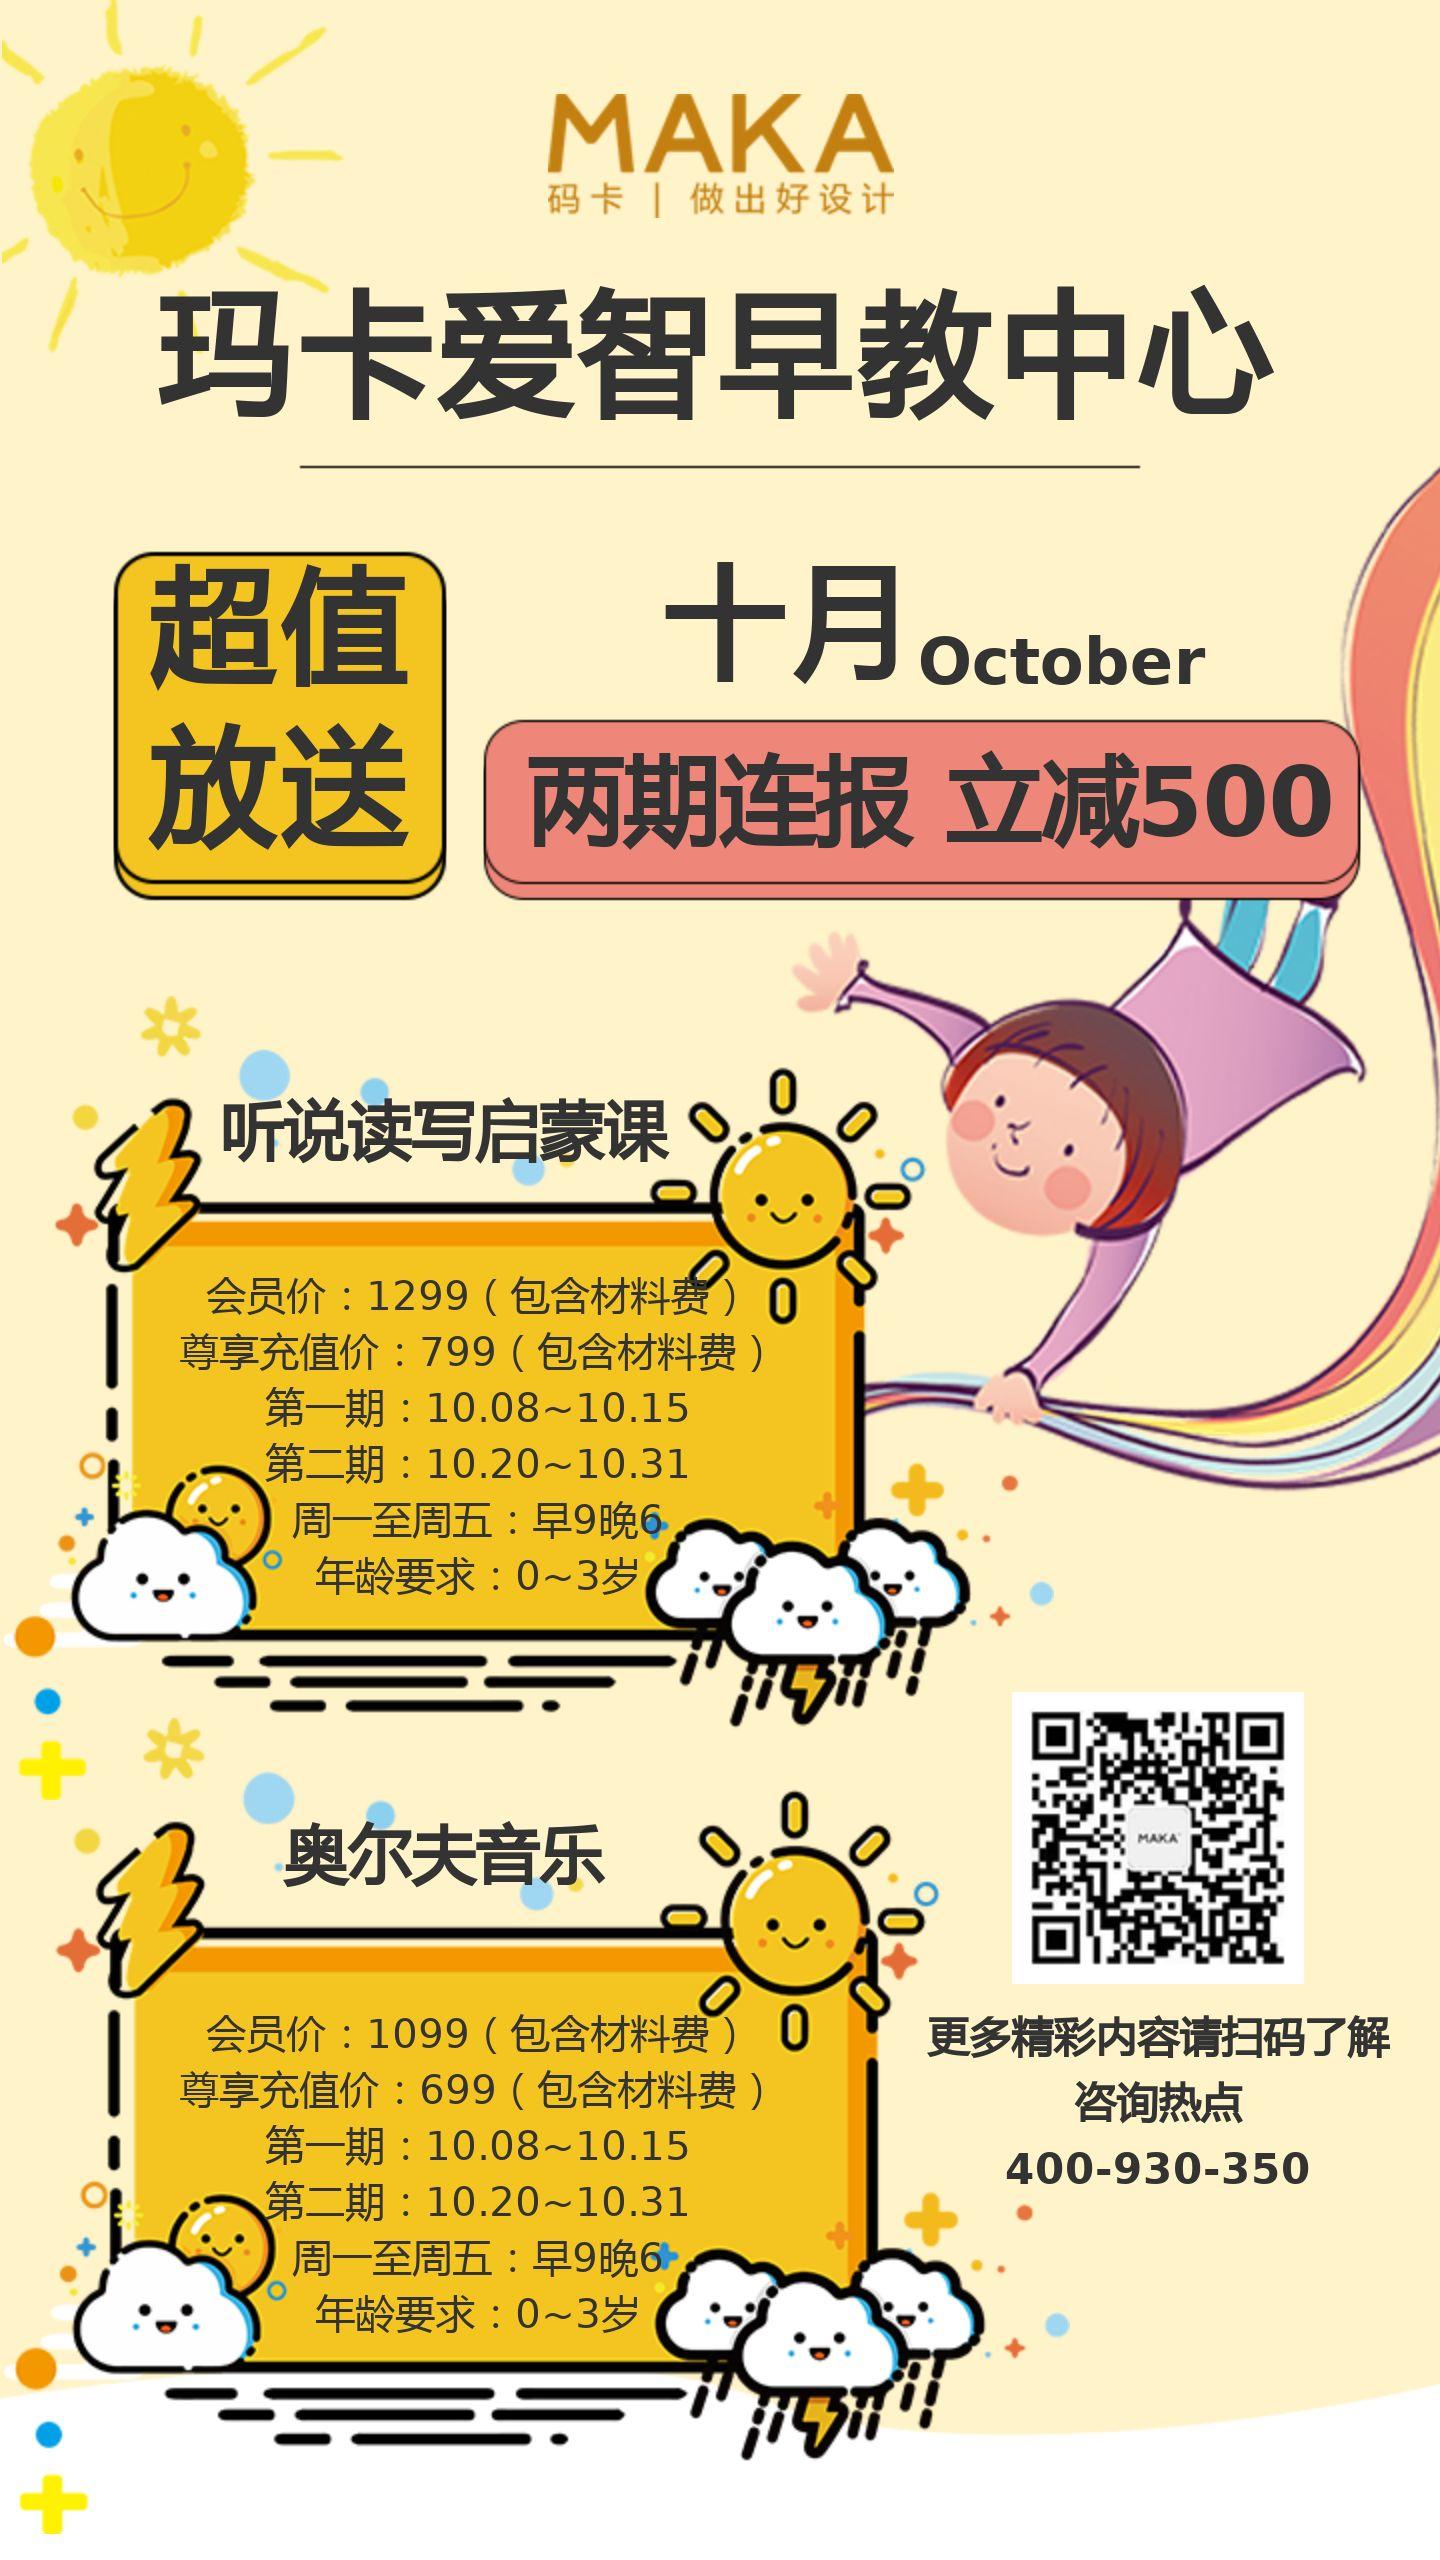 明黄色卡通插画风儿童早教机构招生宣传海报